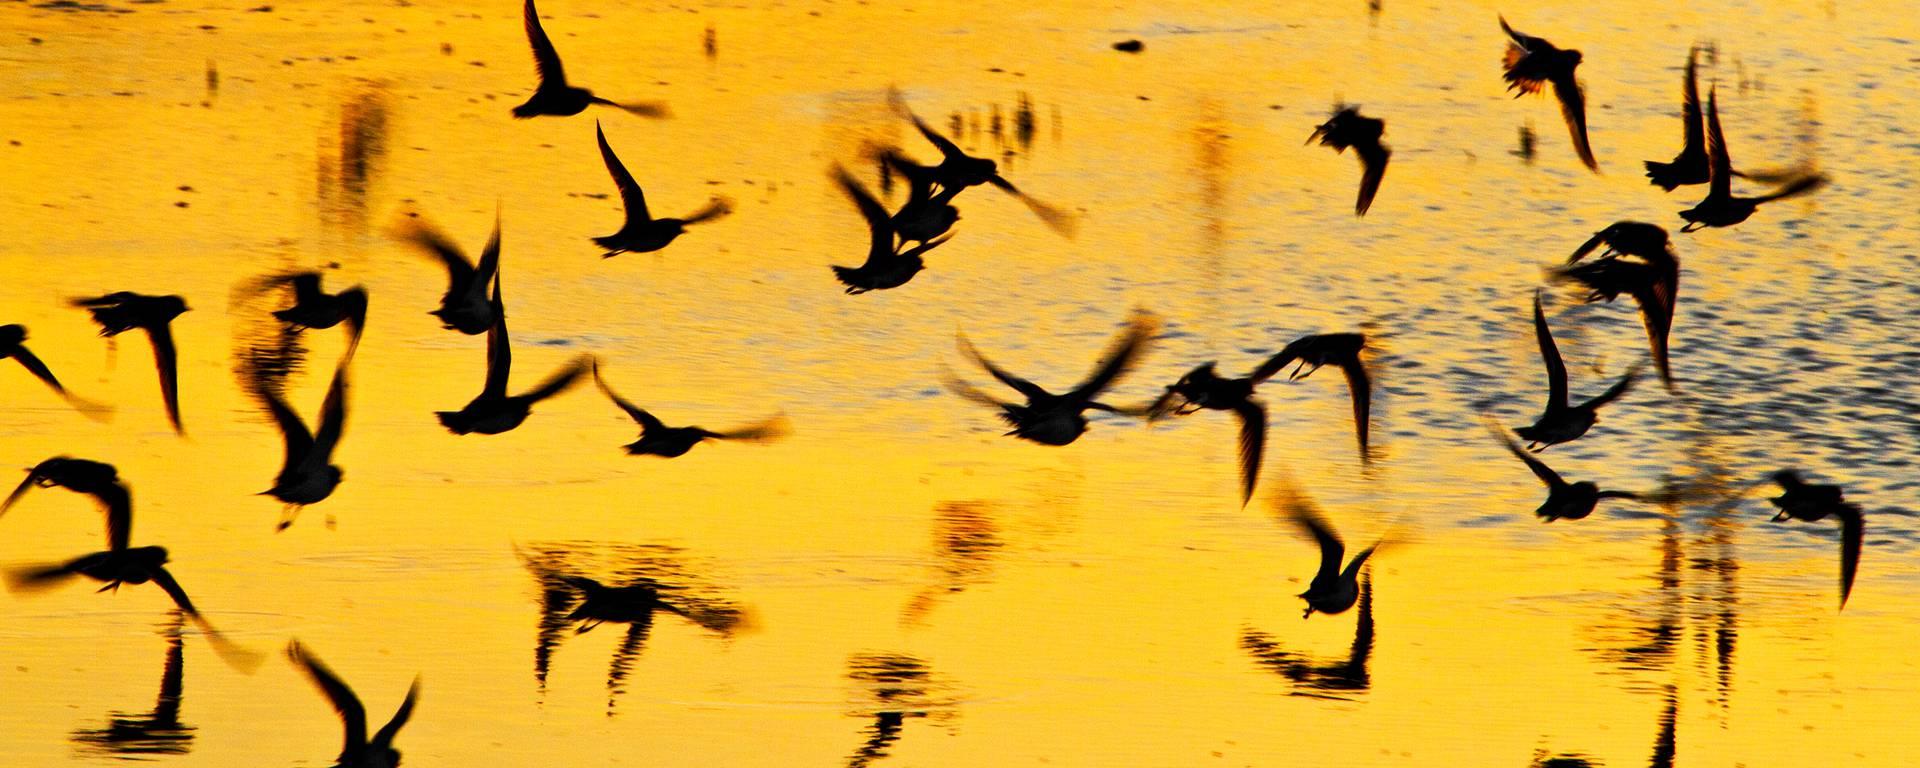 Oiseaux s'envolent par François Blanchard